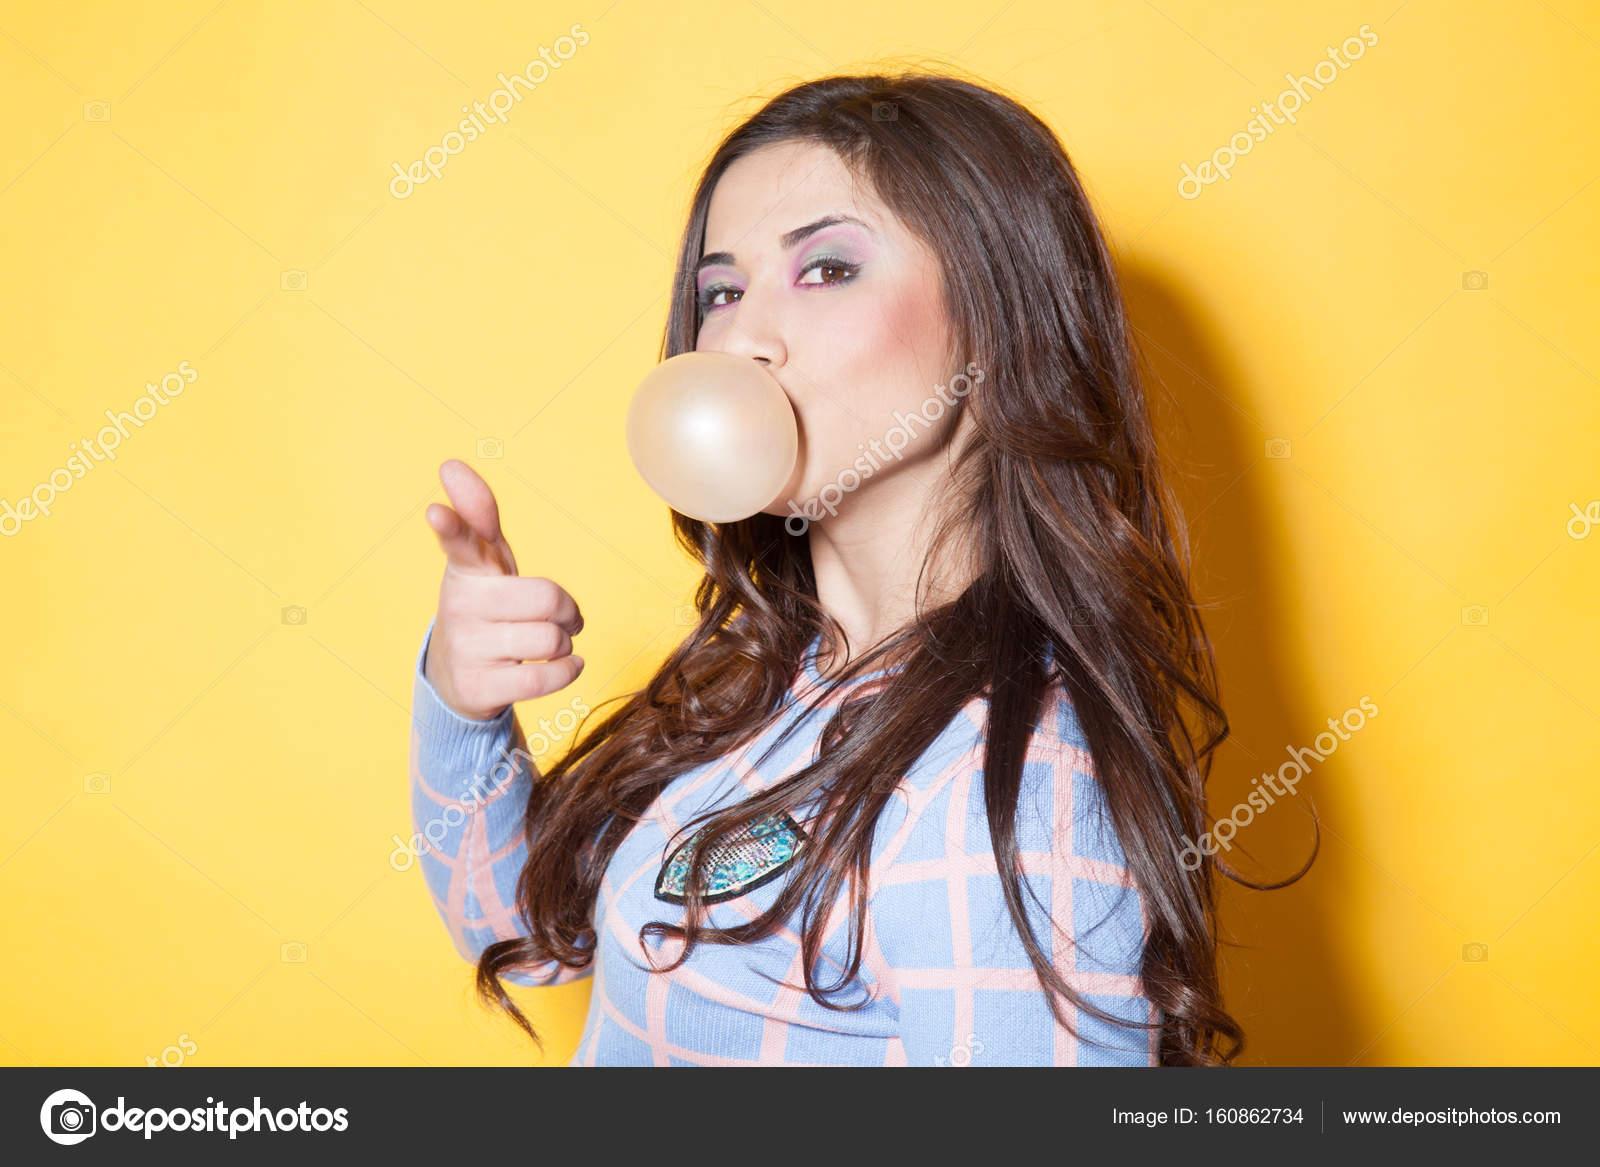 Пузыри из попы фото, Герпес на попе: фото, причины, лечение 19 фотография